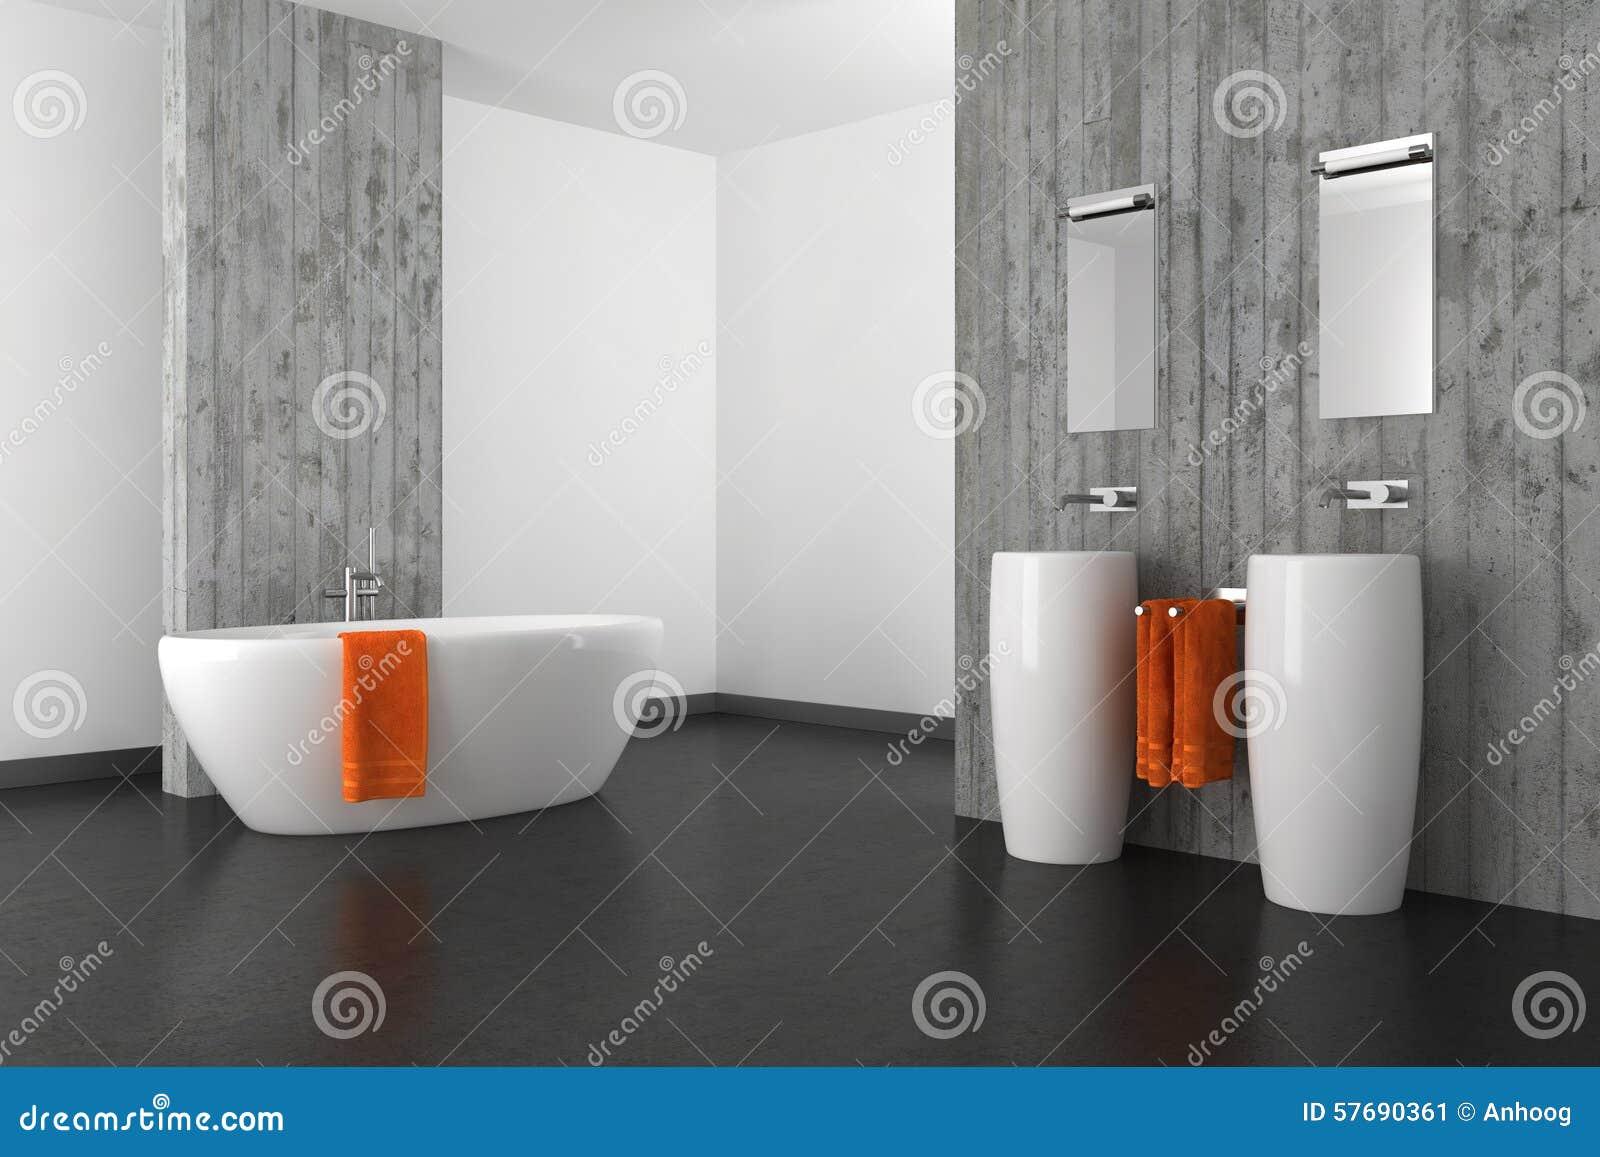 Pavimenti Per Bagno Moderno. Cheap Le Maioliche Fantasia With ...